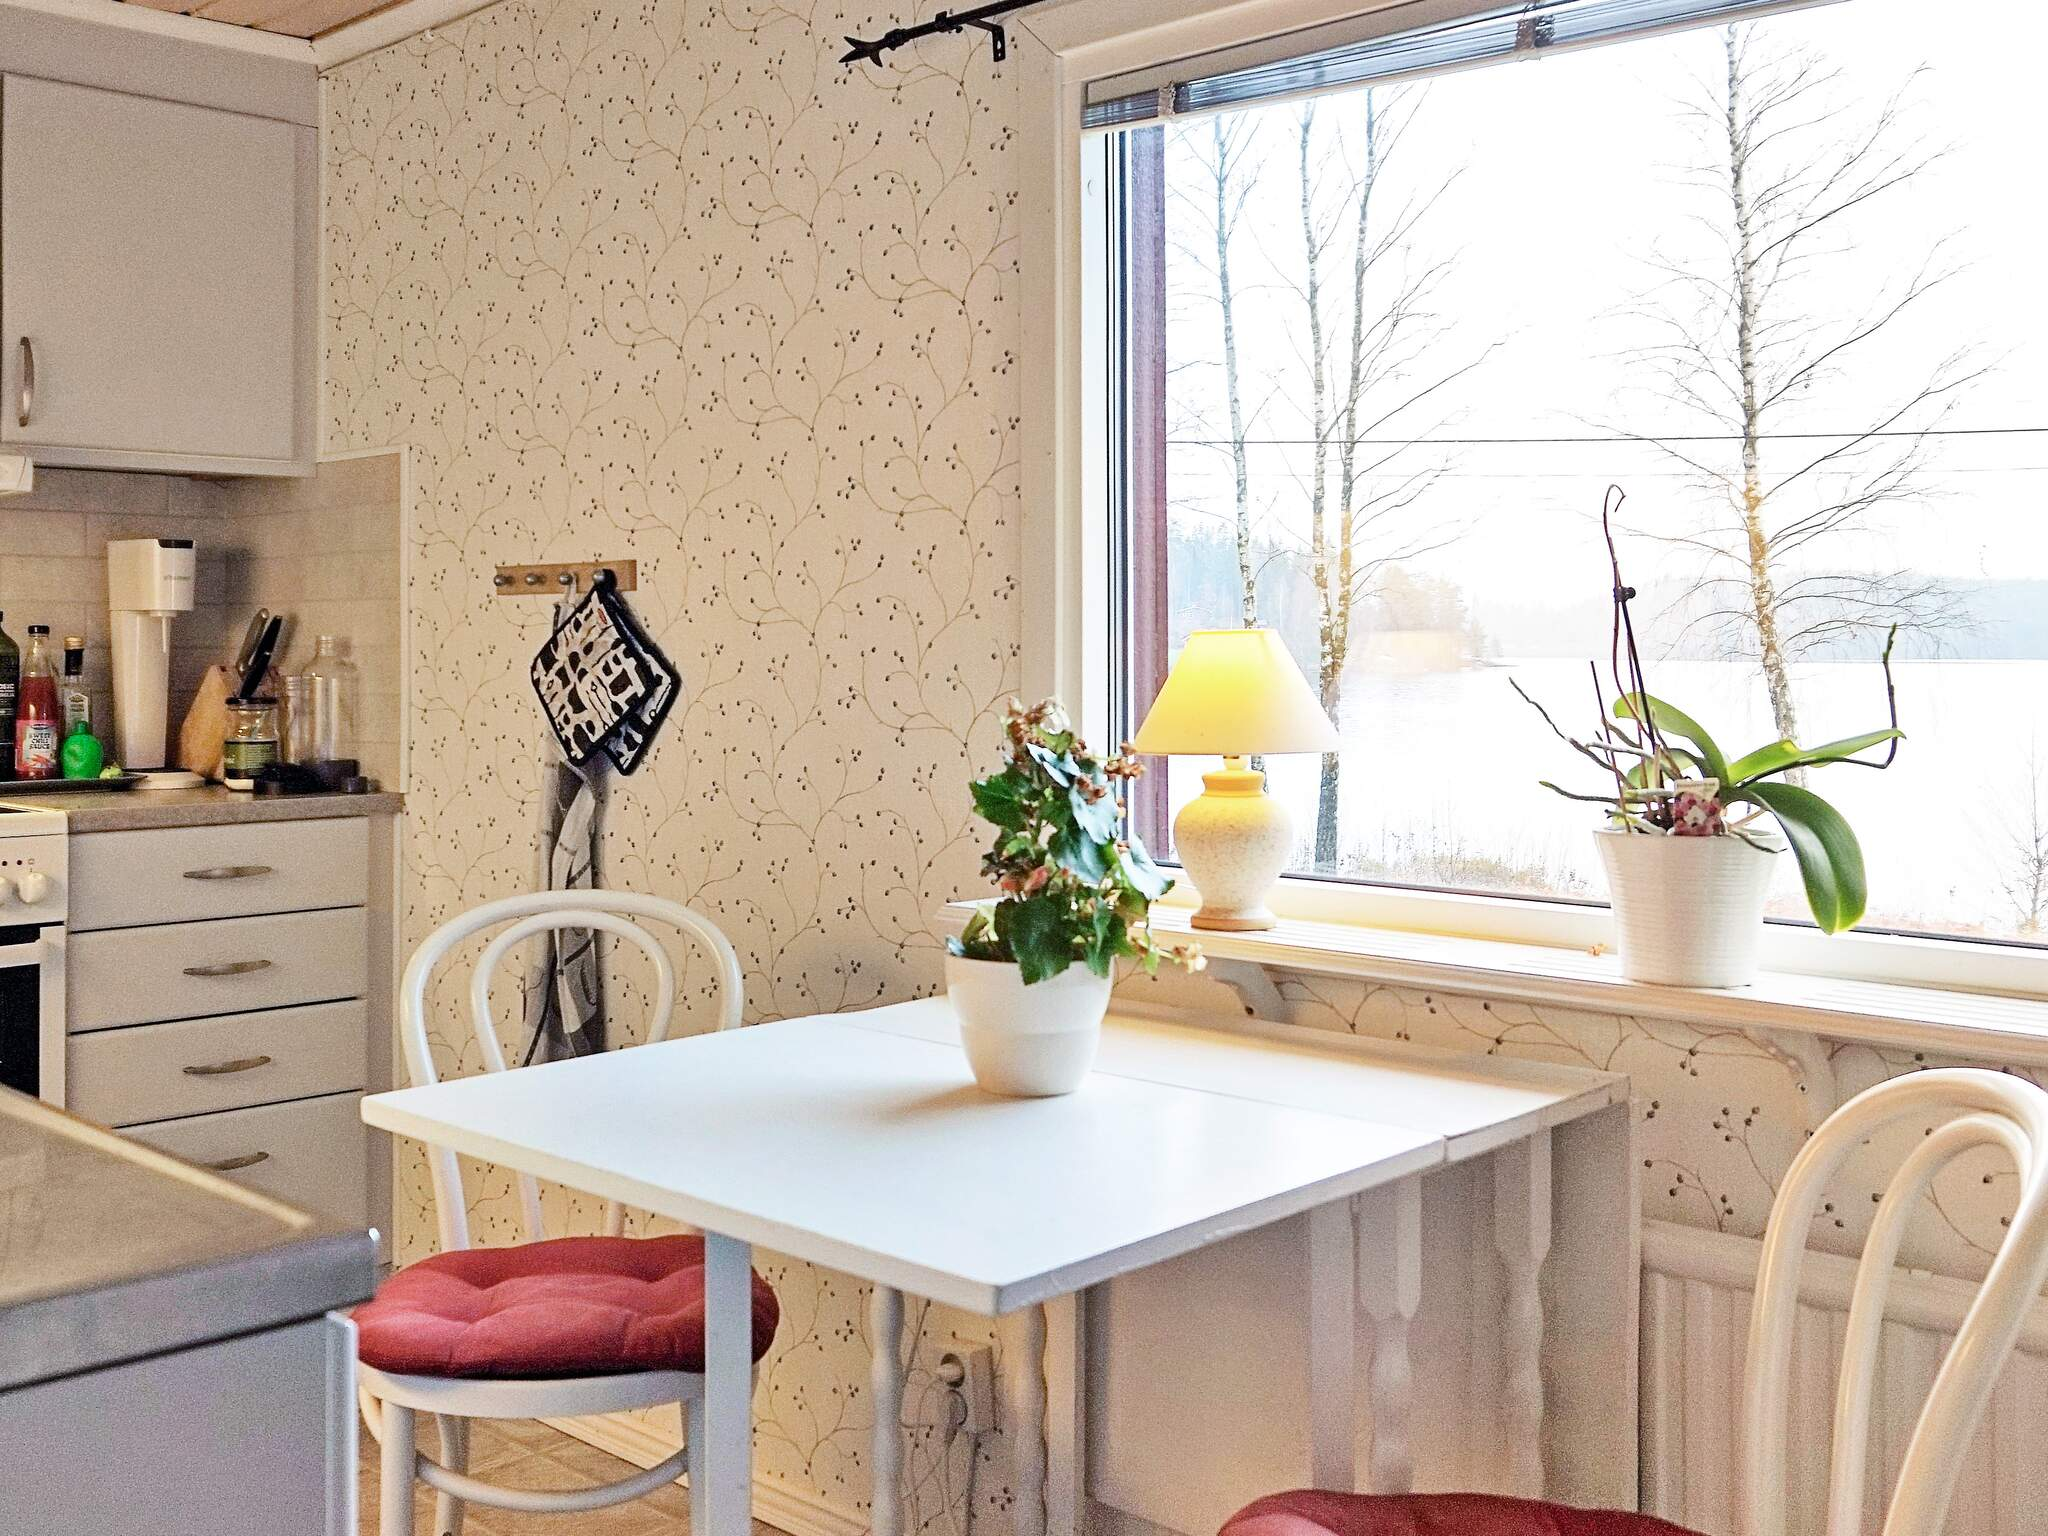 Ferienhaus Ambjörnarp (2701524), Ambjörnarp, Västra Götaland län, Westschweden, Schweden, Bild 5